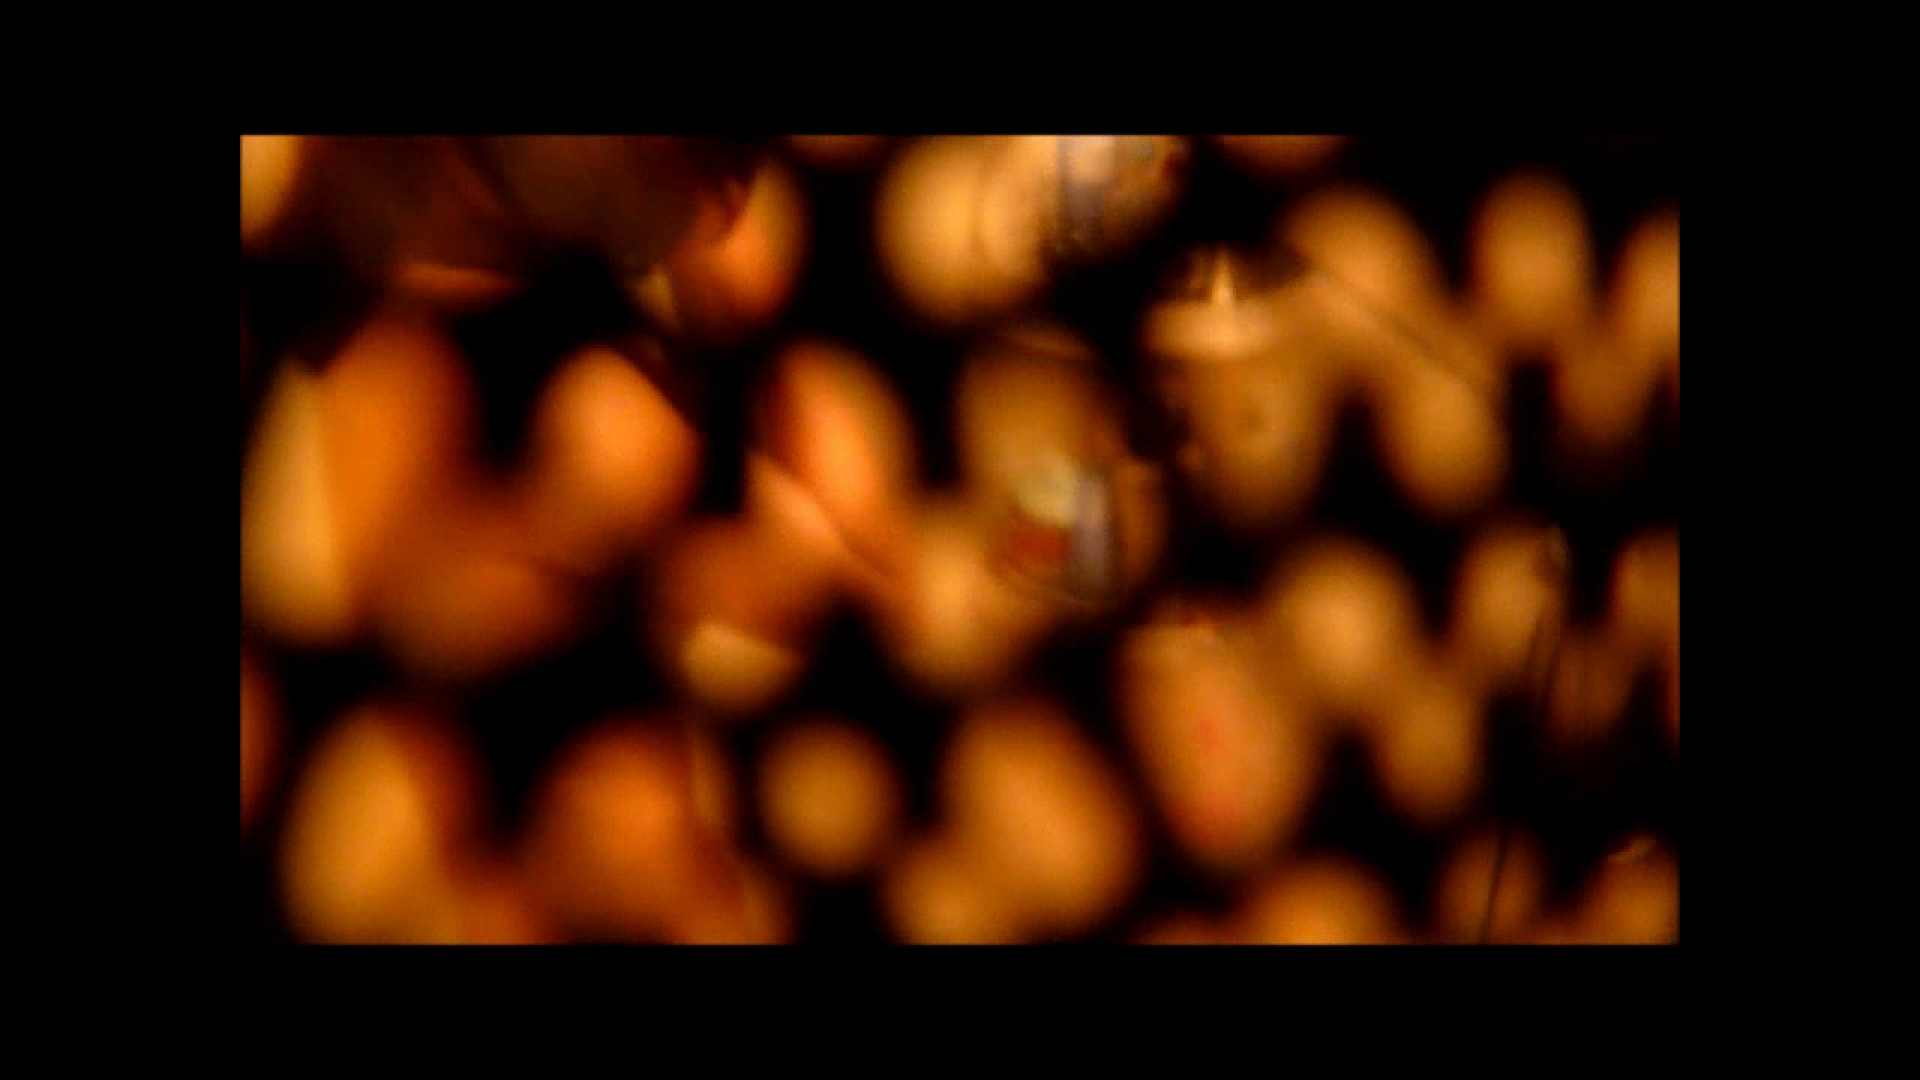 【02】ベランダに侵入して張り込みを始めて・・・やっと結果が出ました。 モロだしオマンコ   盗撮師作品  79pic 21